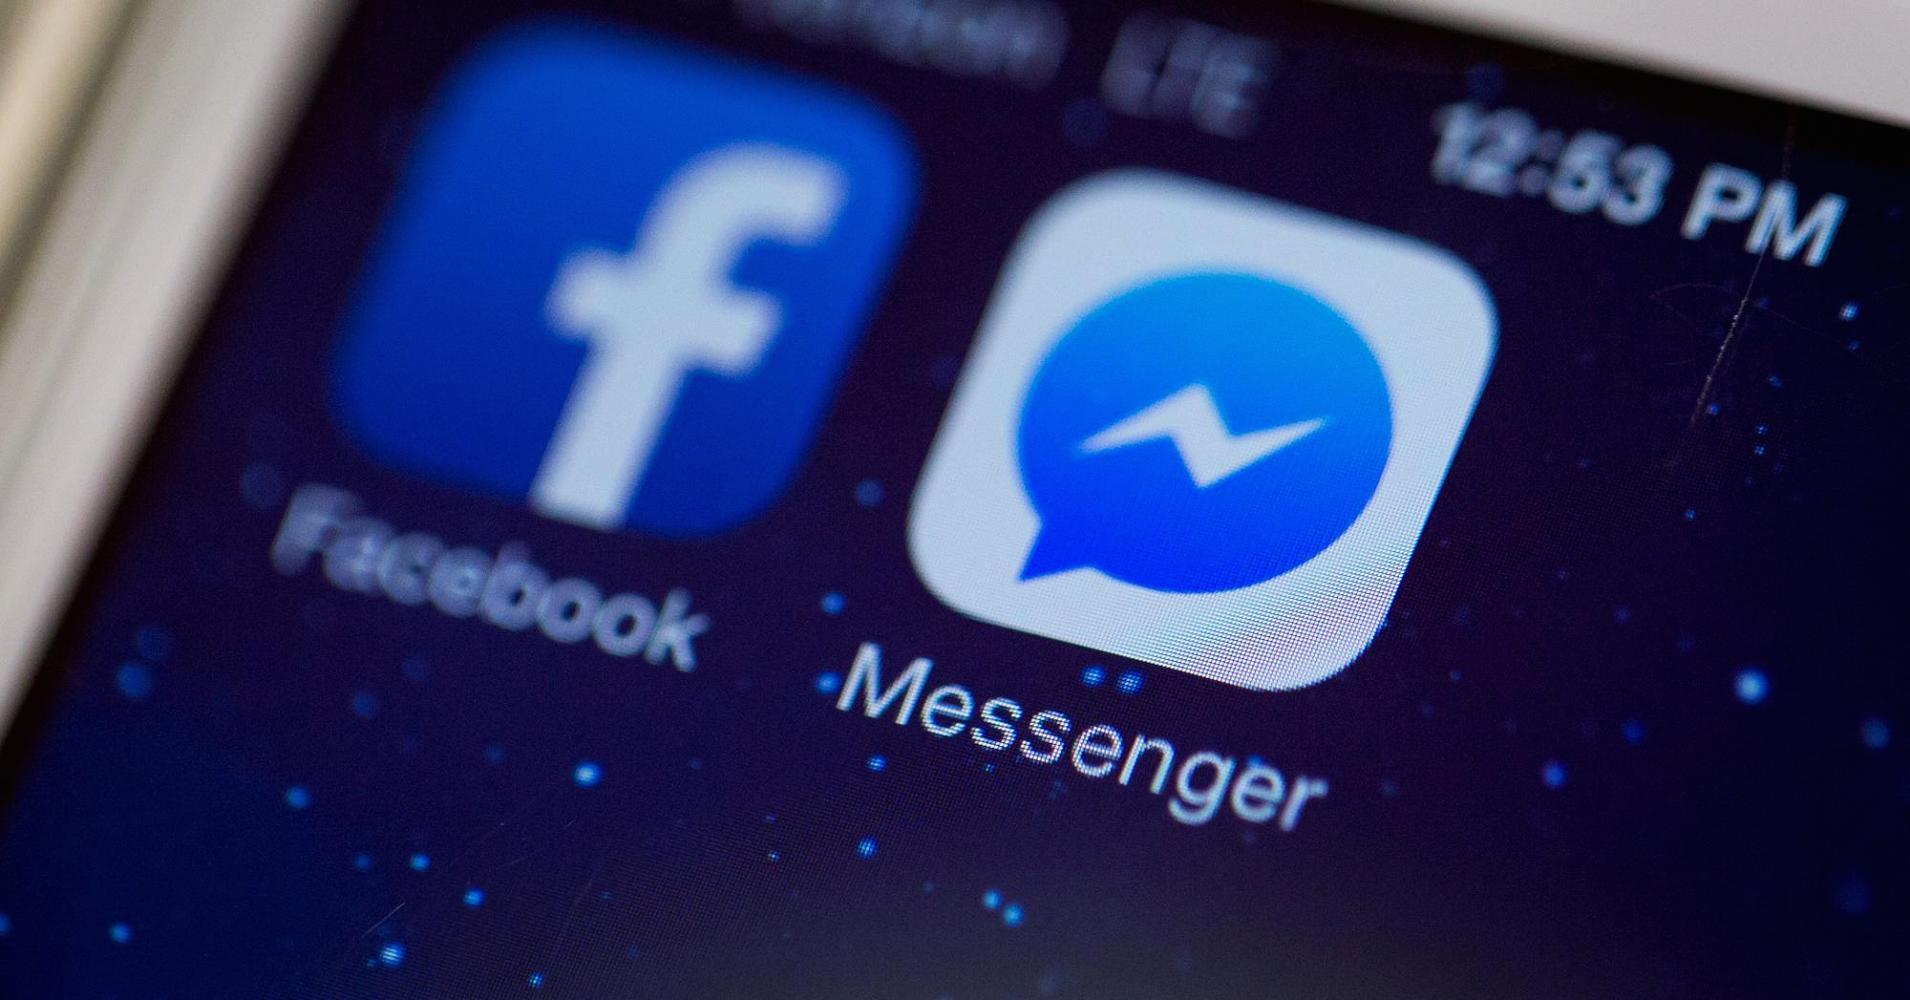 Come scaricare e installare Facebook su Android 2